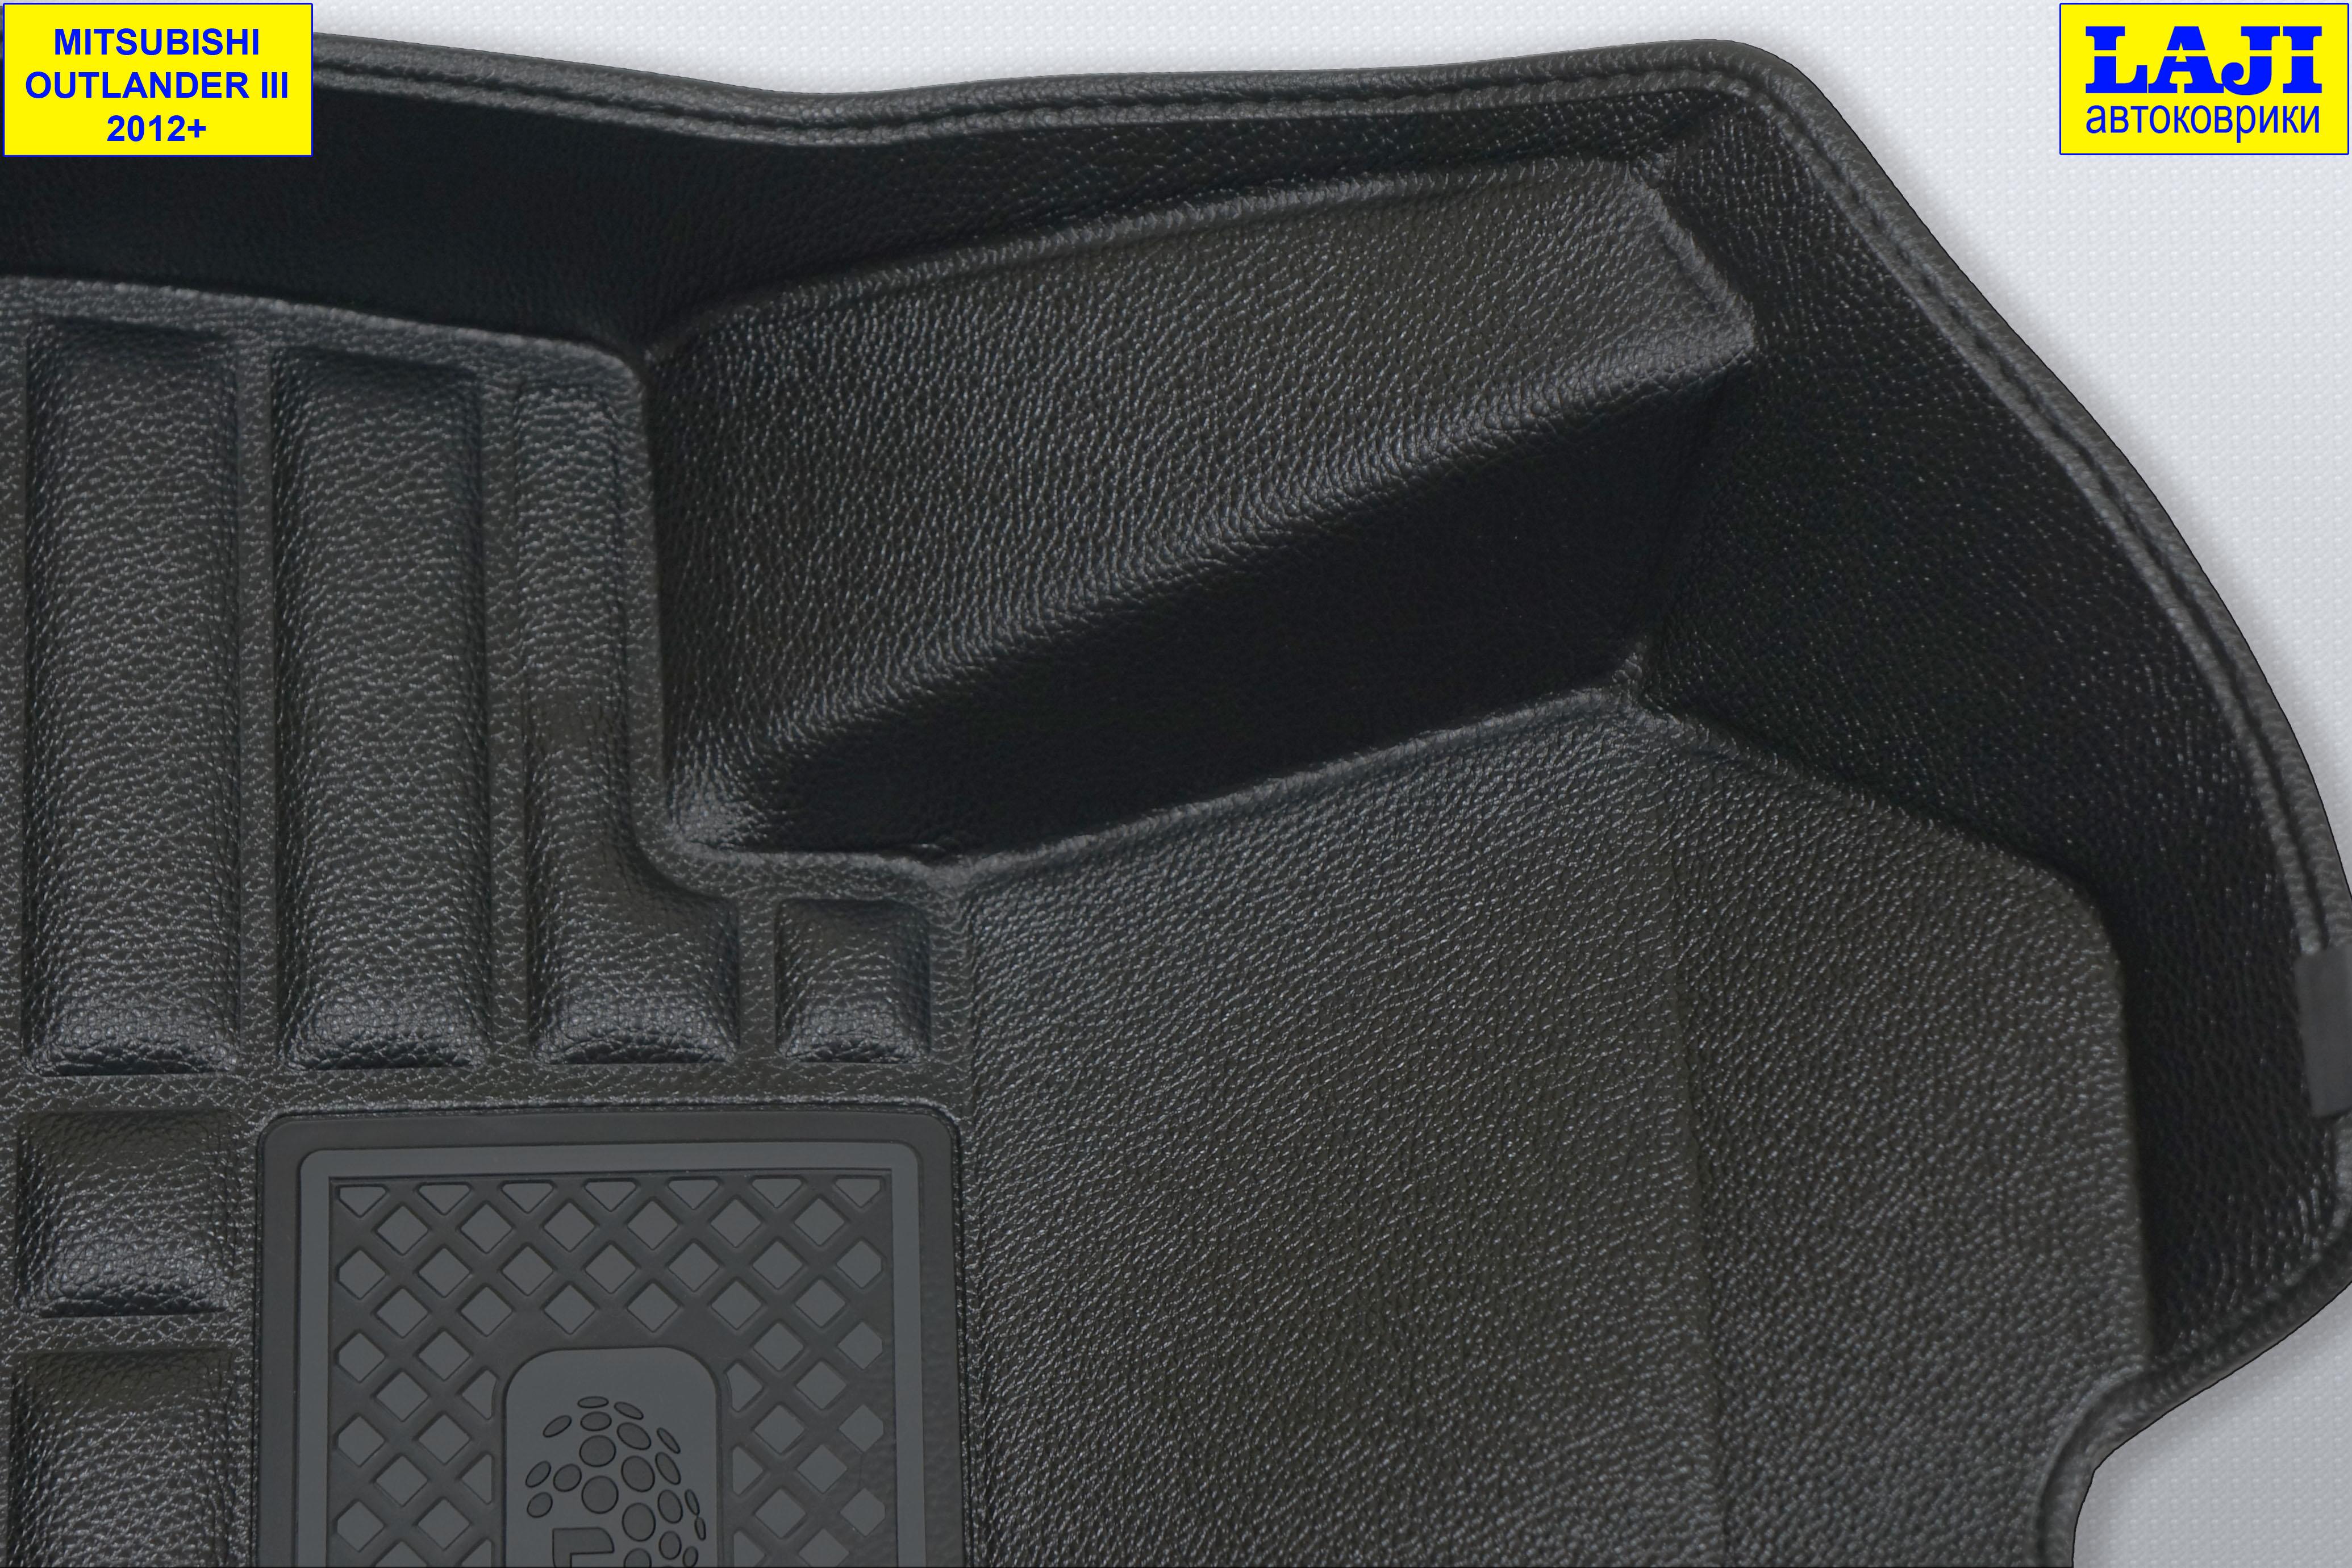 5D коврики в салон Mitsubishi Outlander III 2012-н.в. 6